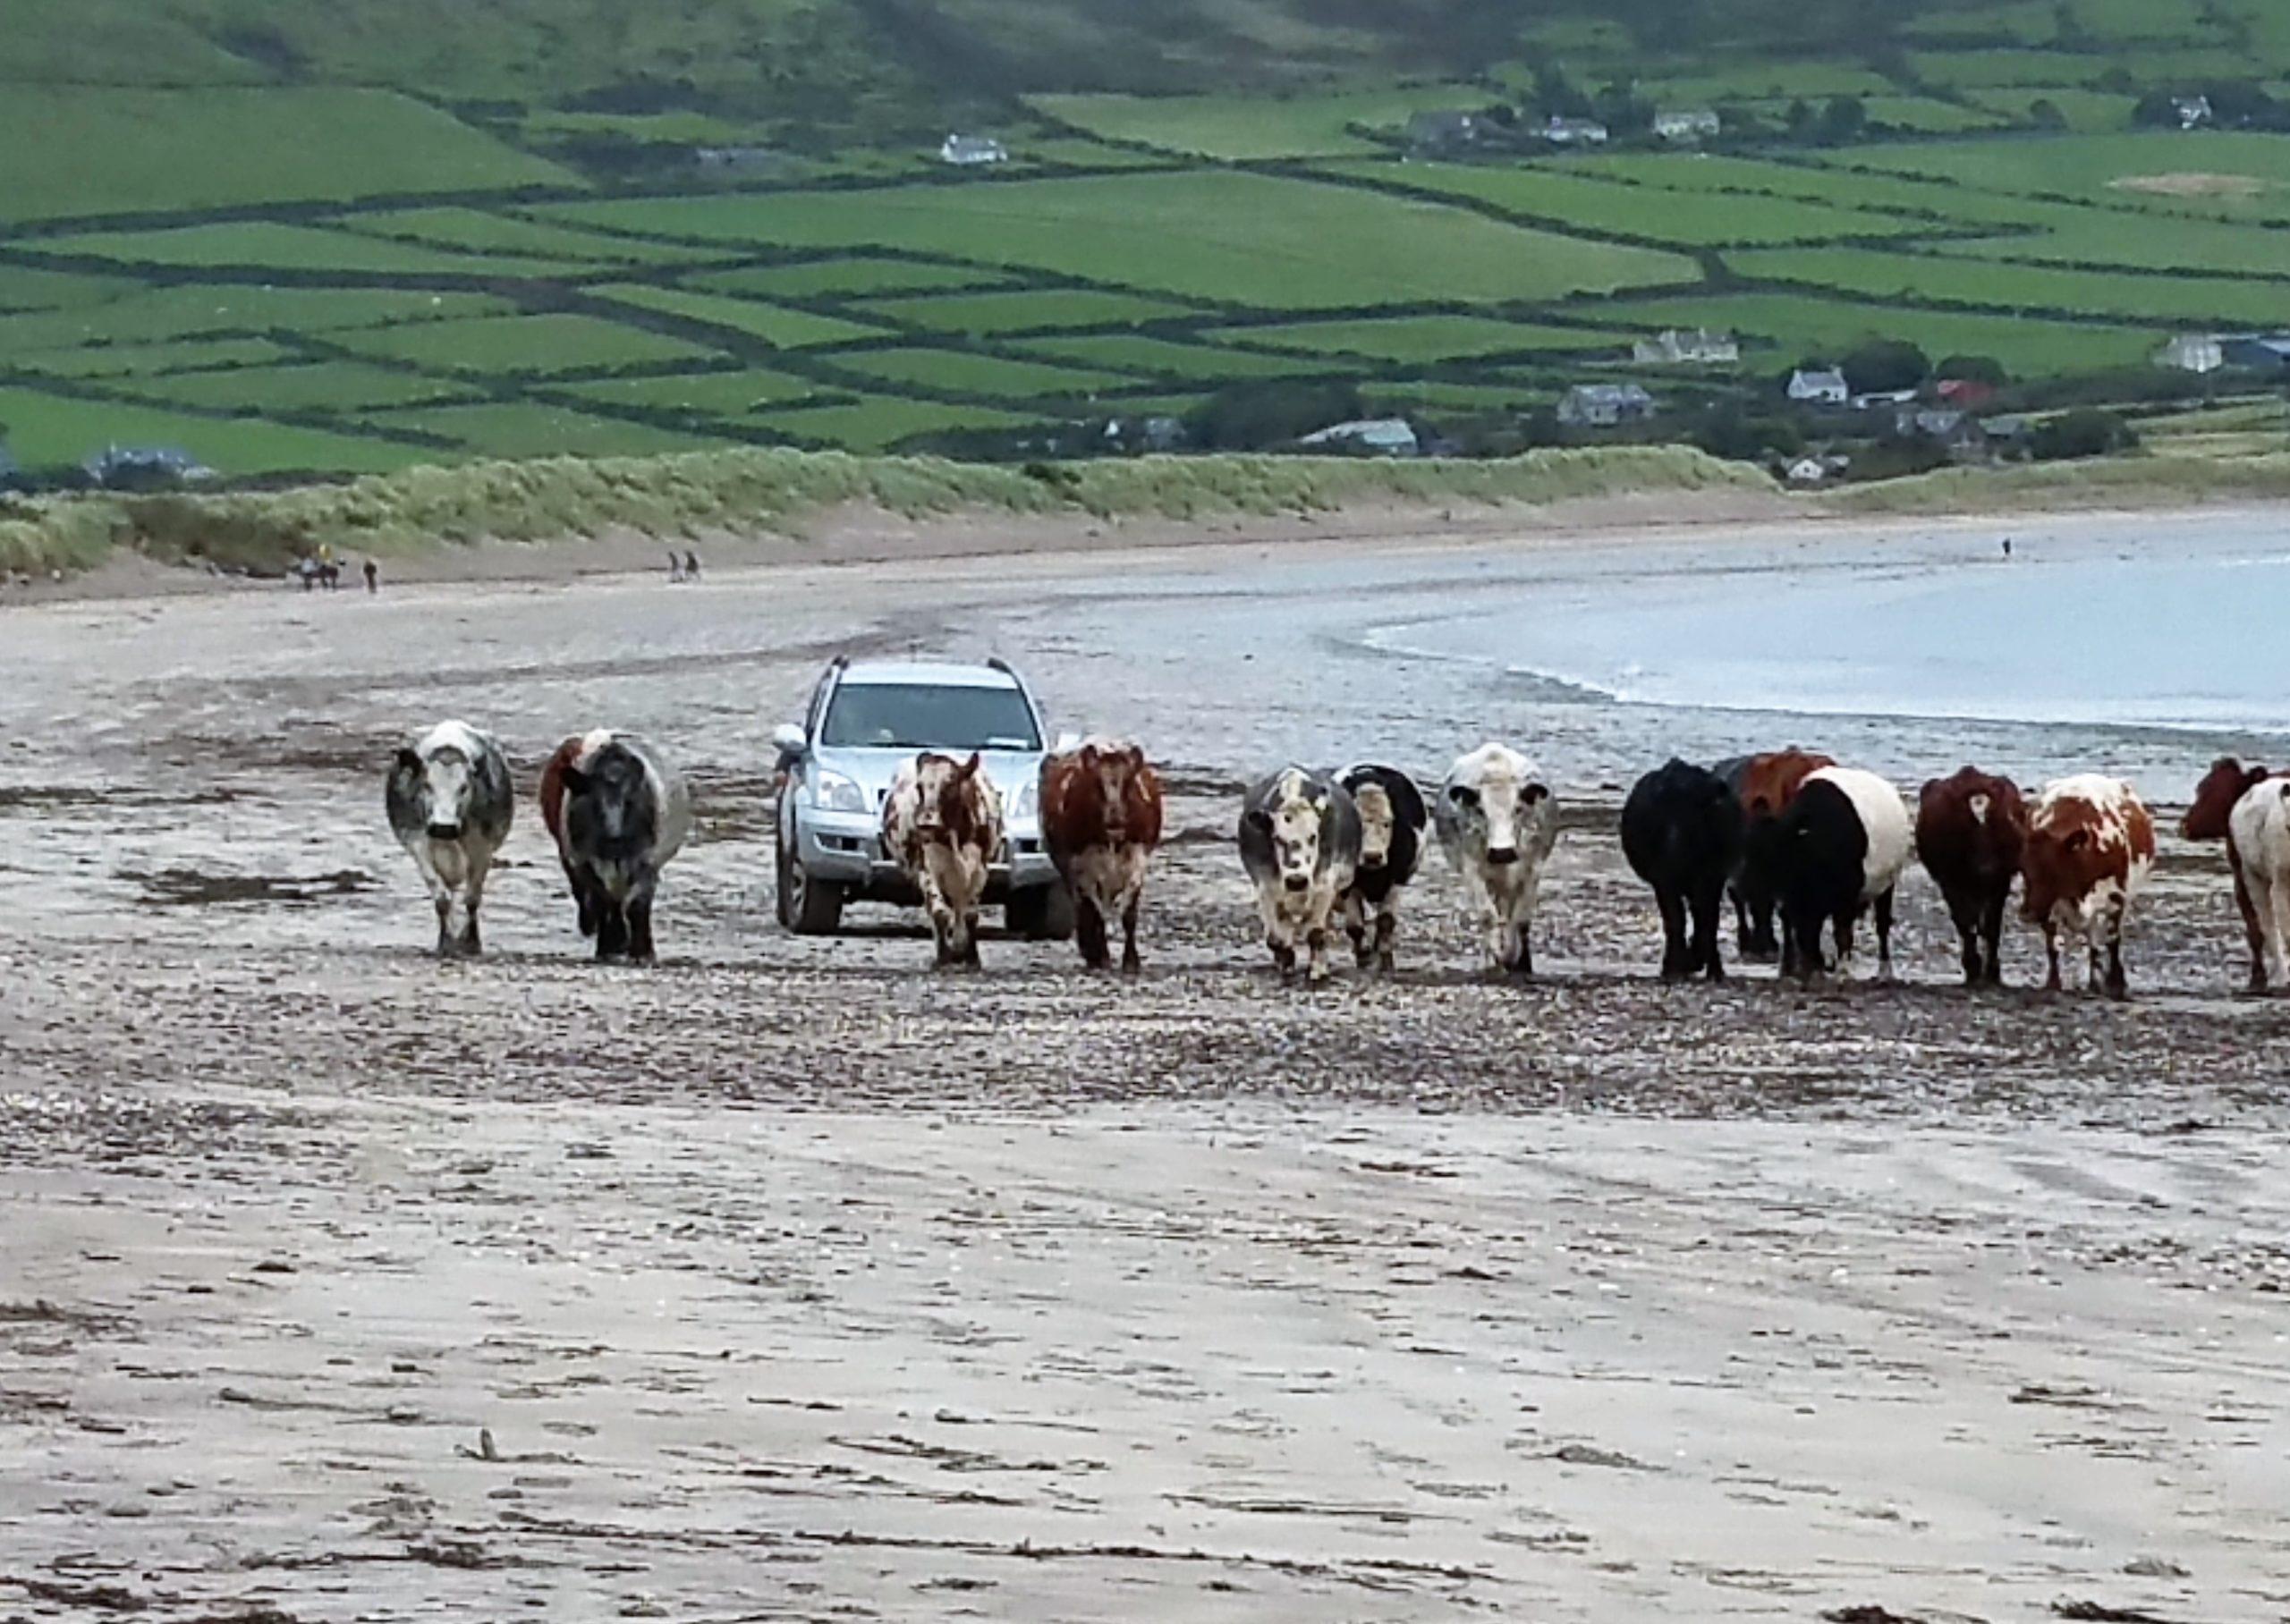 Ein irischer Farmer treibt seine Kühe aus dem Auto heraus langsam an einem Strand entlang.